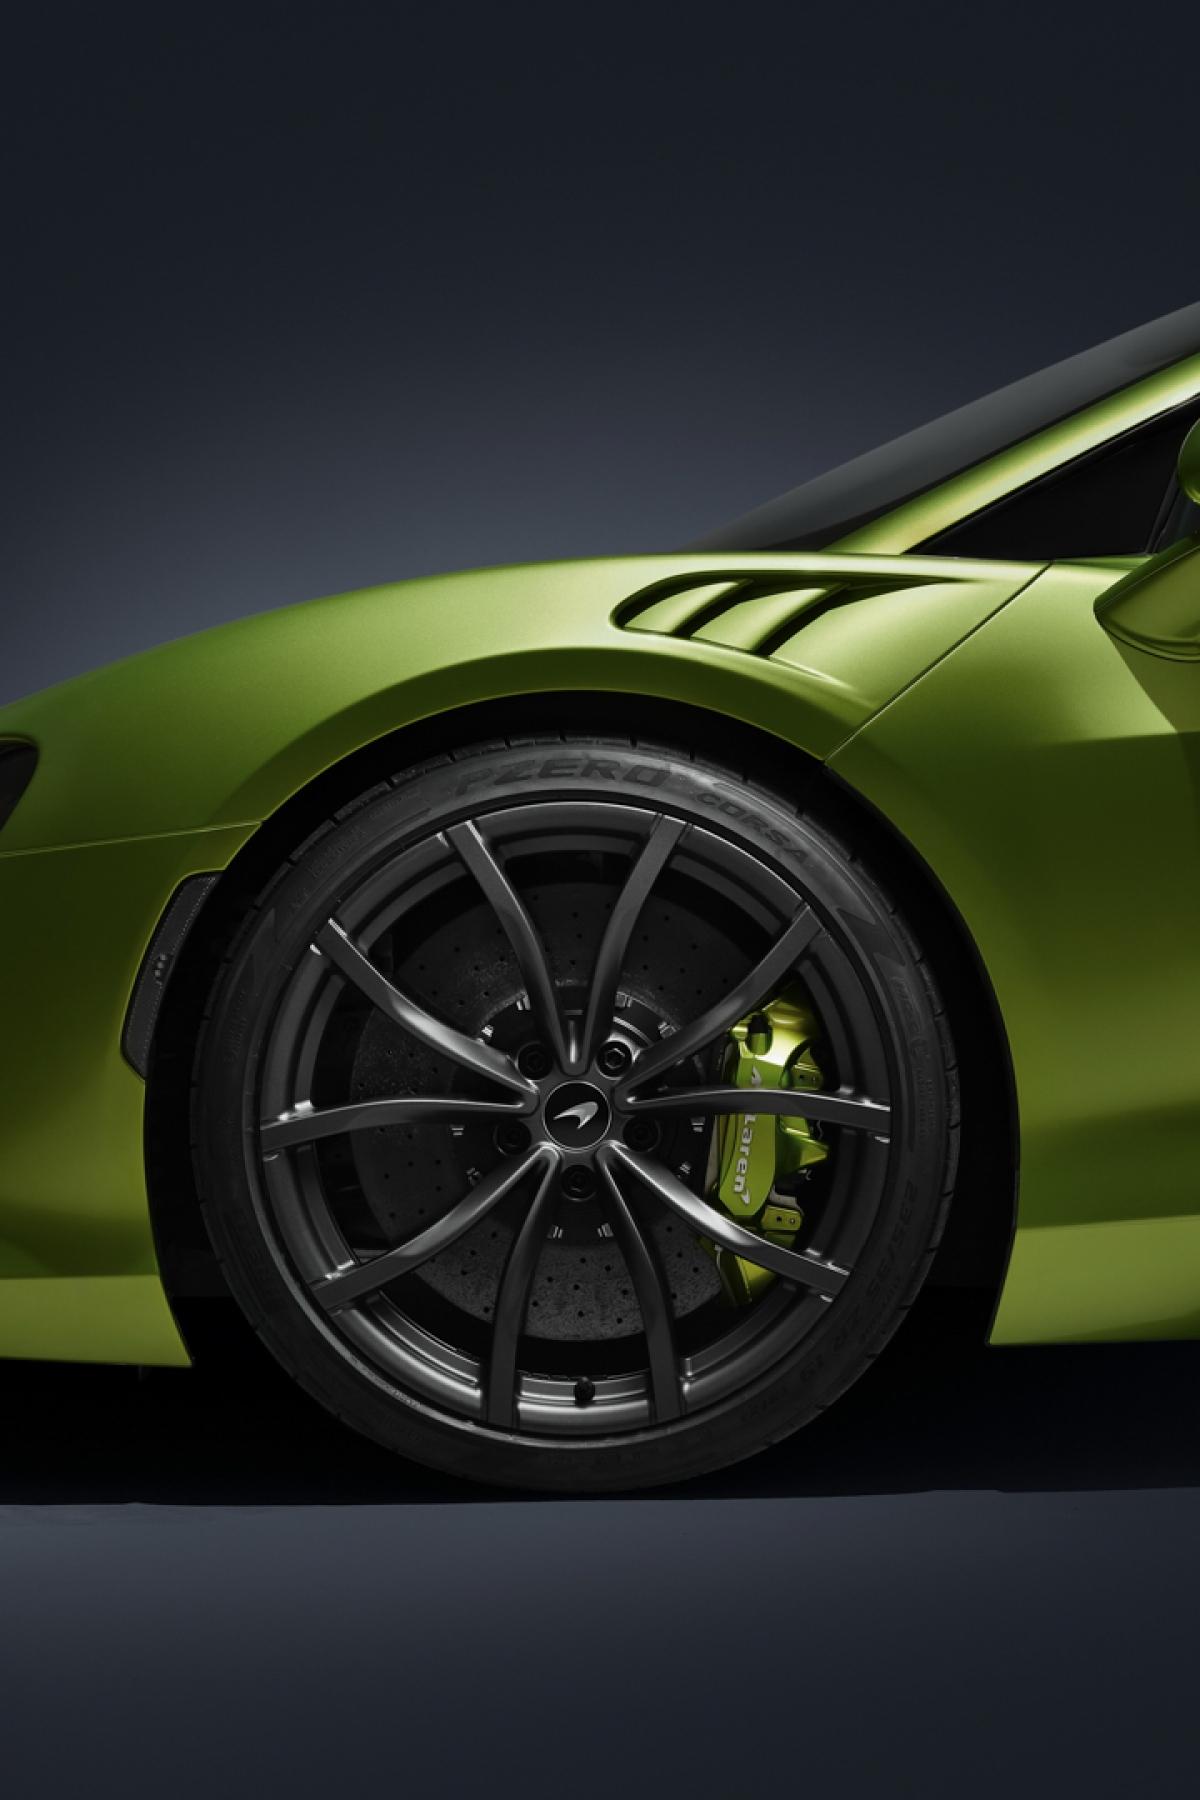 """Đến với ngoại thất, McLaren Artura sở hữu thiết kế theo phong cách """"shrink-wrap"""" bao bọc lấy phần khung xương sợi carbon bên trong. Các đường nét đặc trưng của McLaren tiếp tục được sử dụng trên mẫu xe này với mức độ tối giản và từng hốc gió, khe gió, ống dẫn đều được đặt đúng vị trí của chúng với chức năng nhất định."""